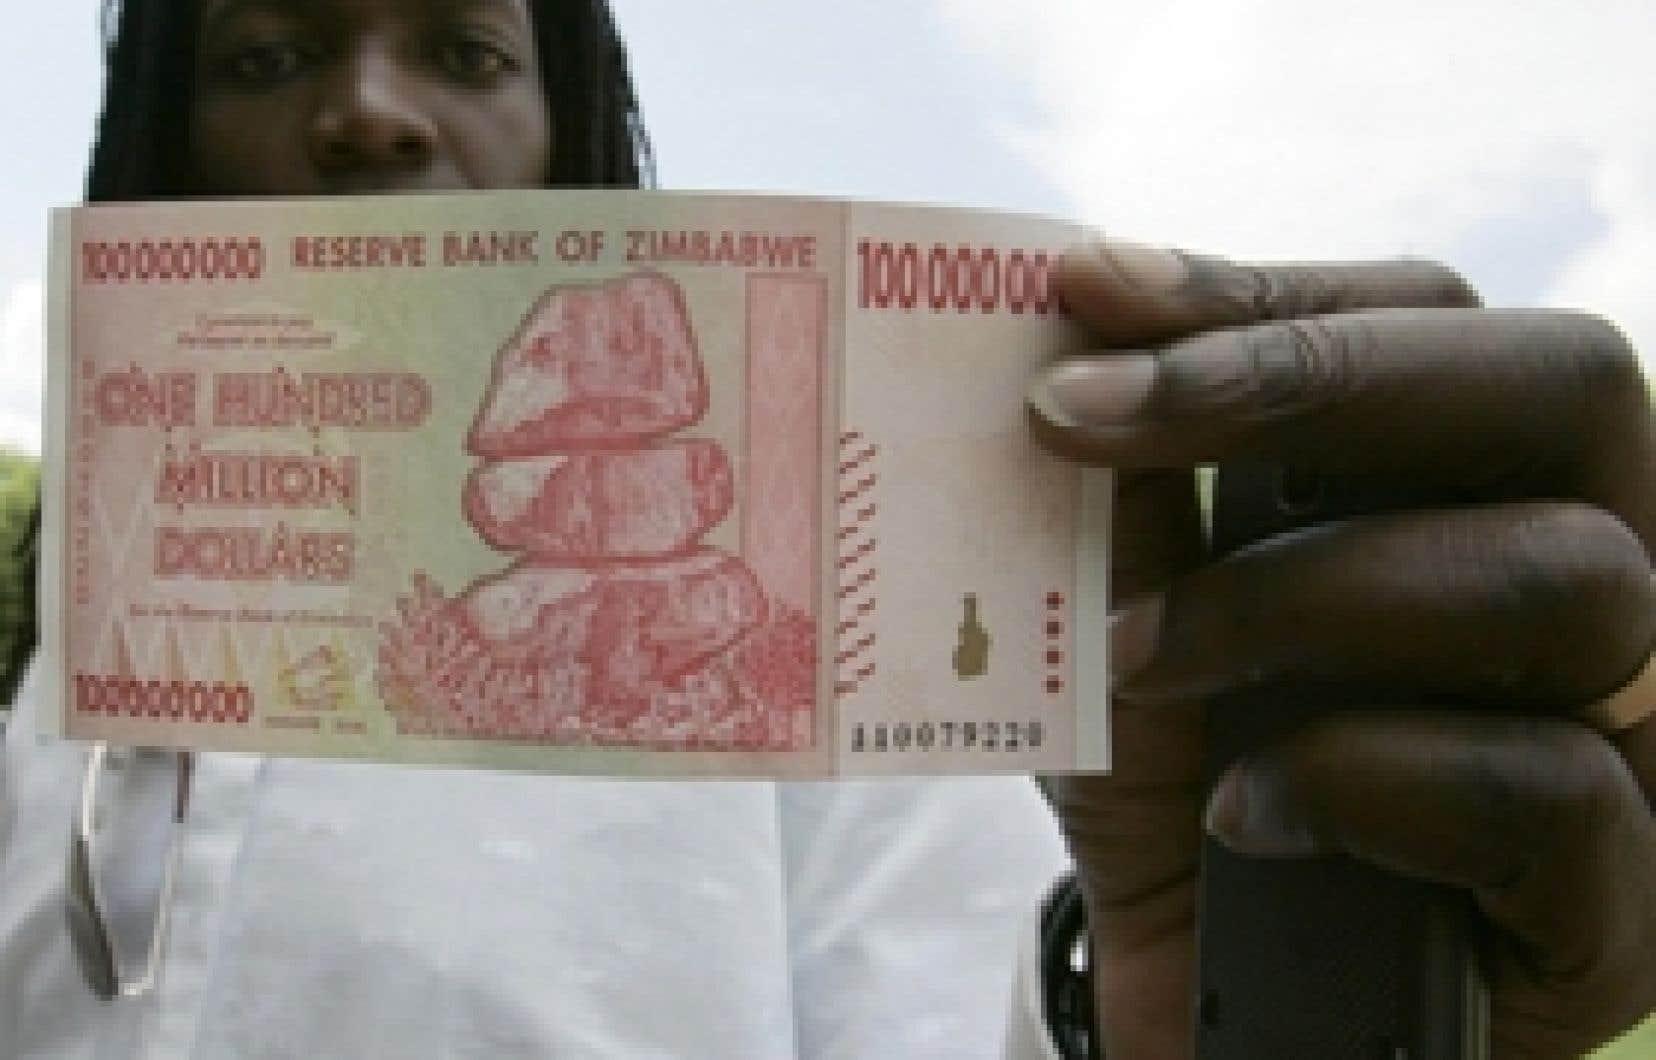 La Banque centrale du Zimbabwe a annoncé hier l'émission d'un nouveau billet valant 100 millions de dollars.